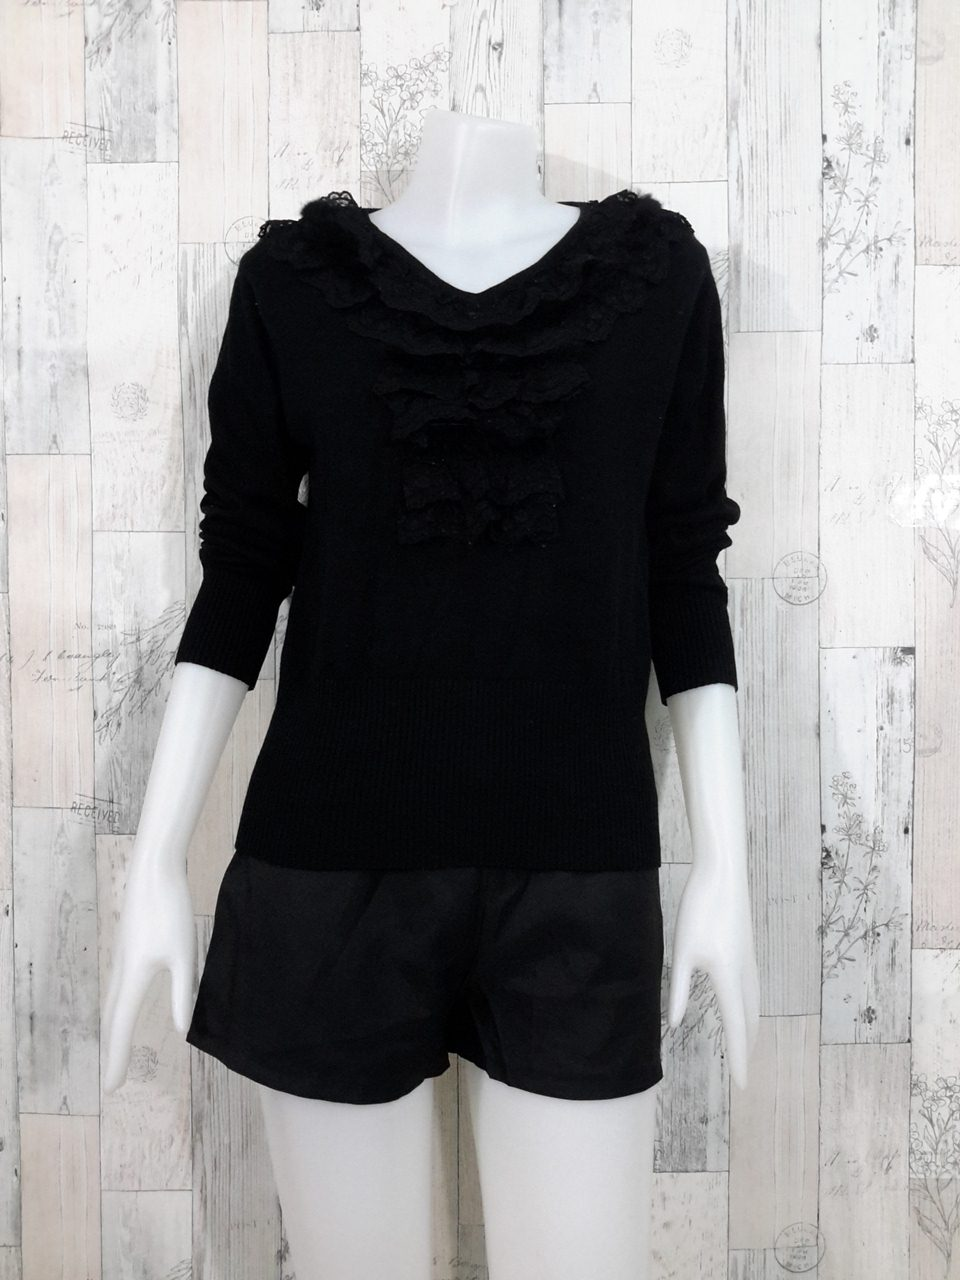 Blouse3524 2nd hand clothes เสื้อไหมพรมเนื้อแน่นผ้านุ่ม(เนื้อหนามีน้ำหนัก) แขนยาว คอวี สีพื้นดำ อกแต่งระบายลูกไม้